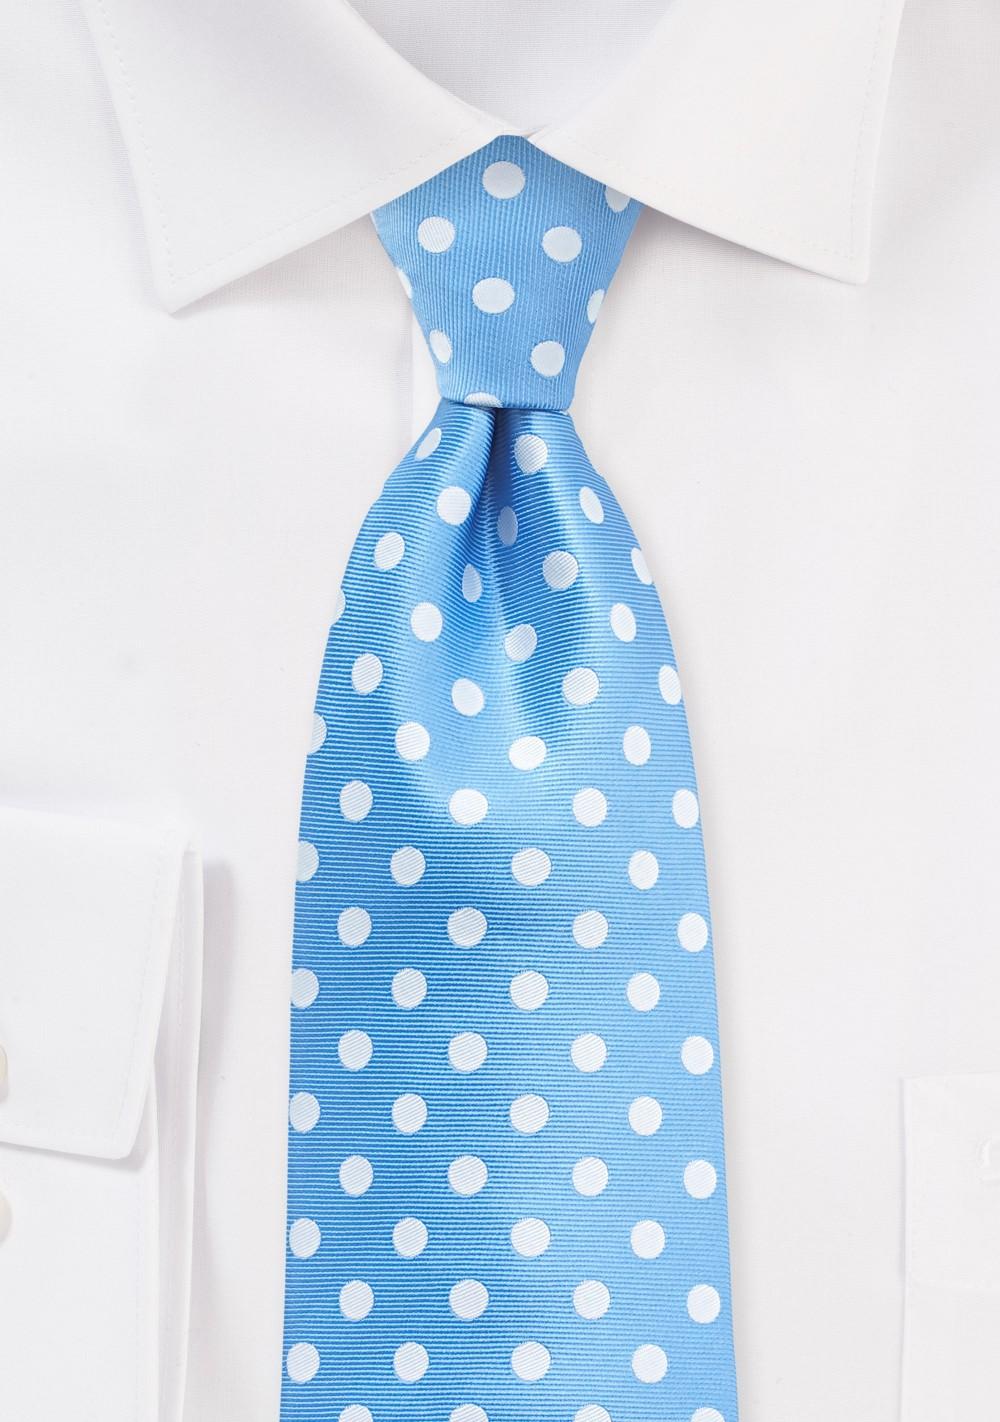 Polka Dot Tie in Alaskan Blue